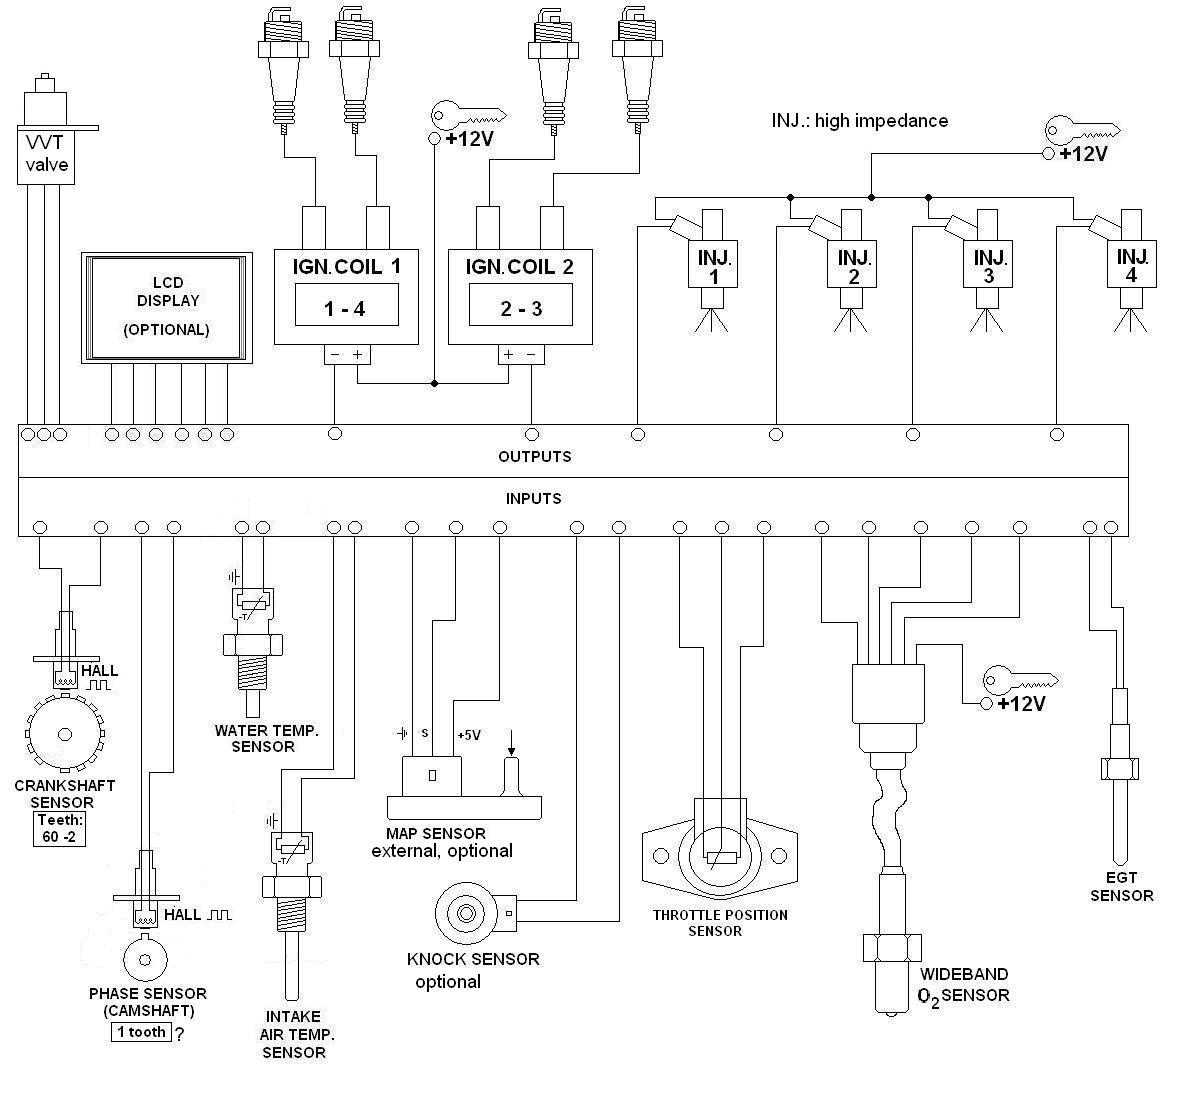 2006 volkswagen jetta wiring diagram server rack rabbit engine get free